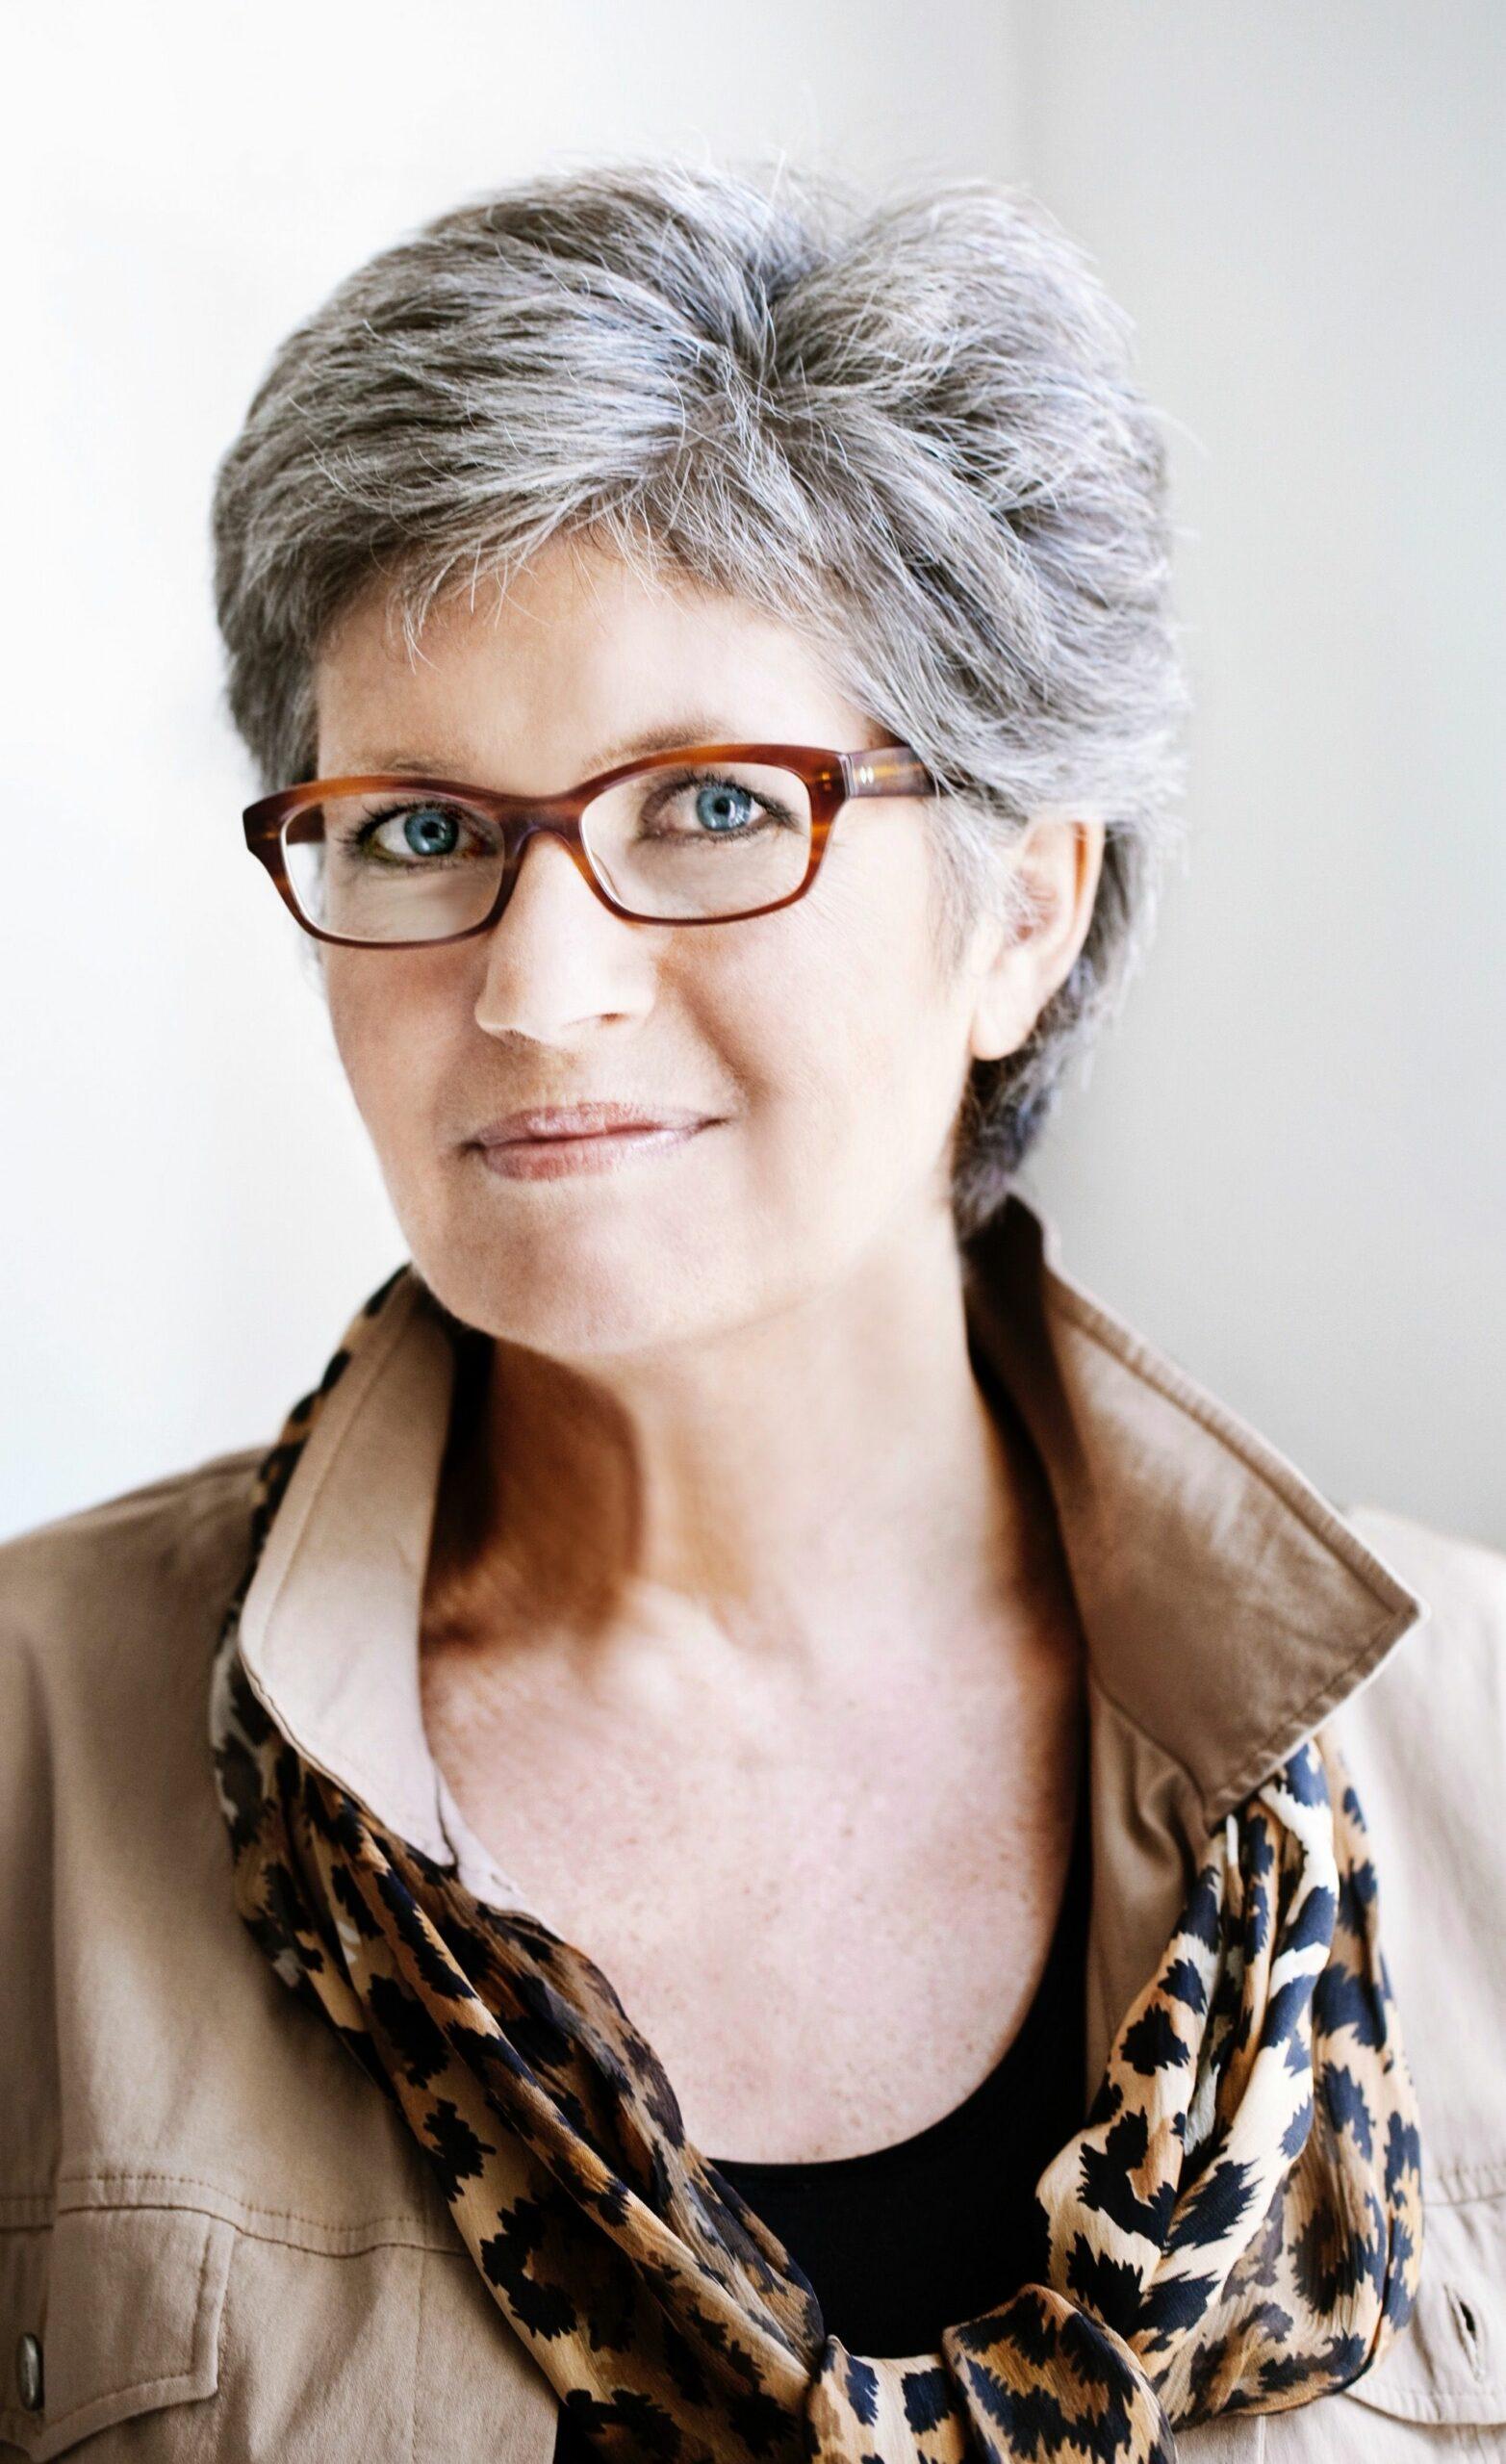 короткие стрижки для женщин старше 60 лет фото 3